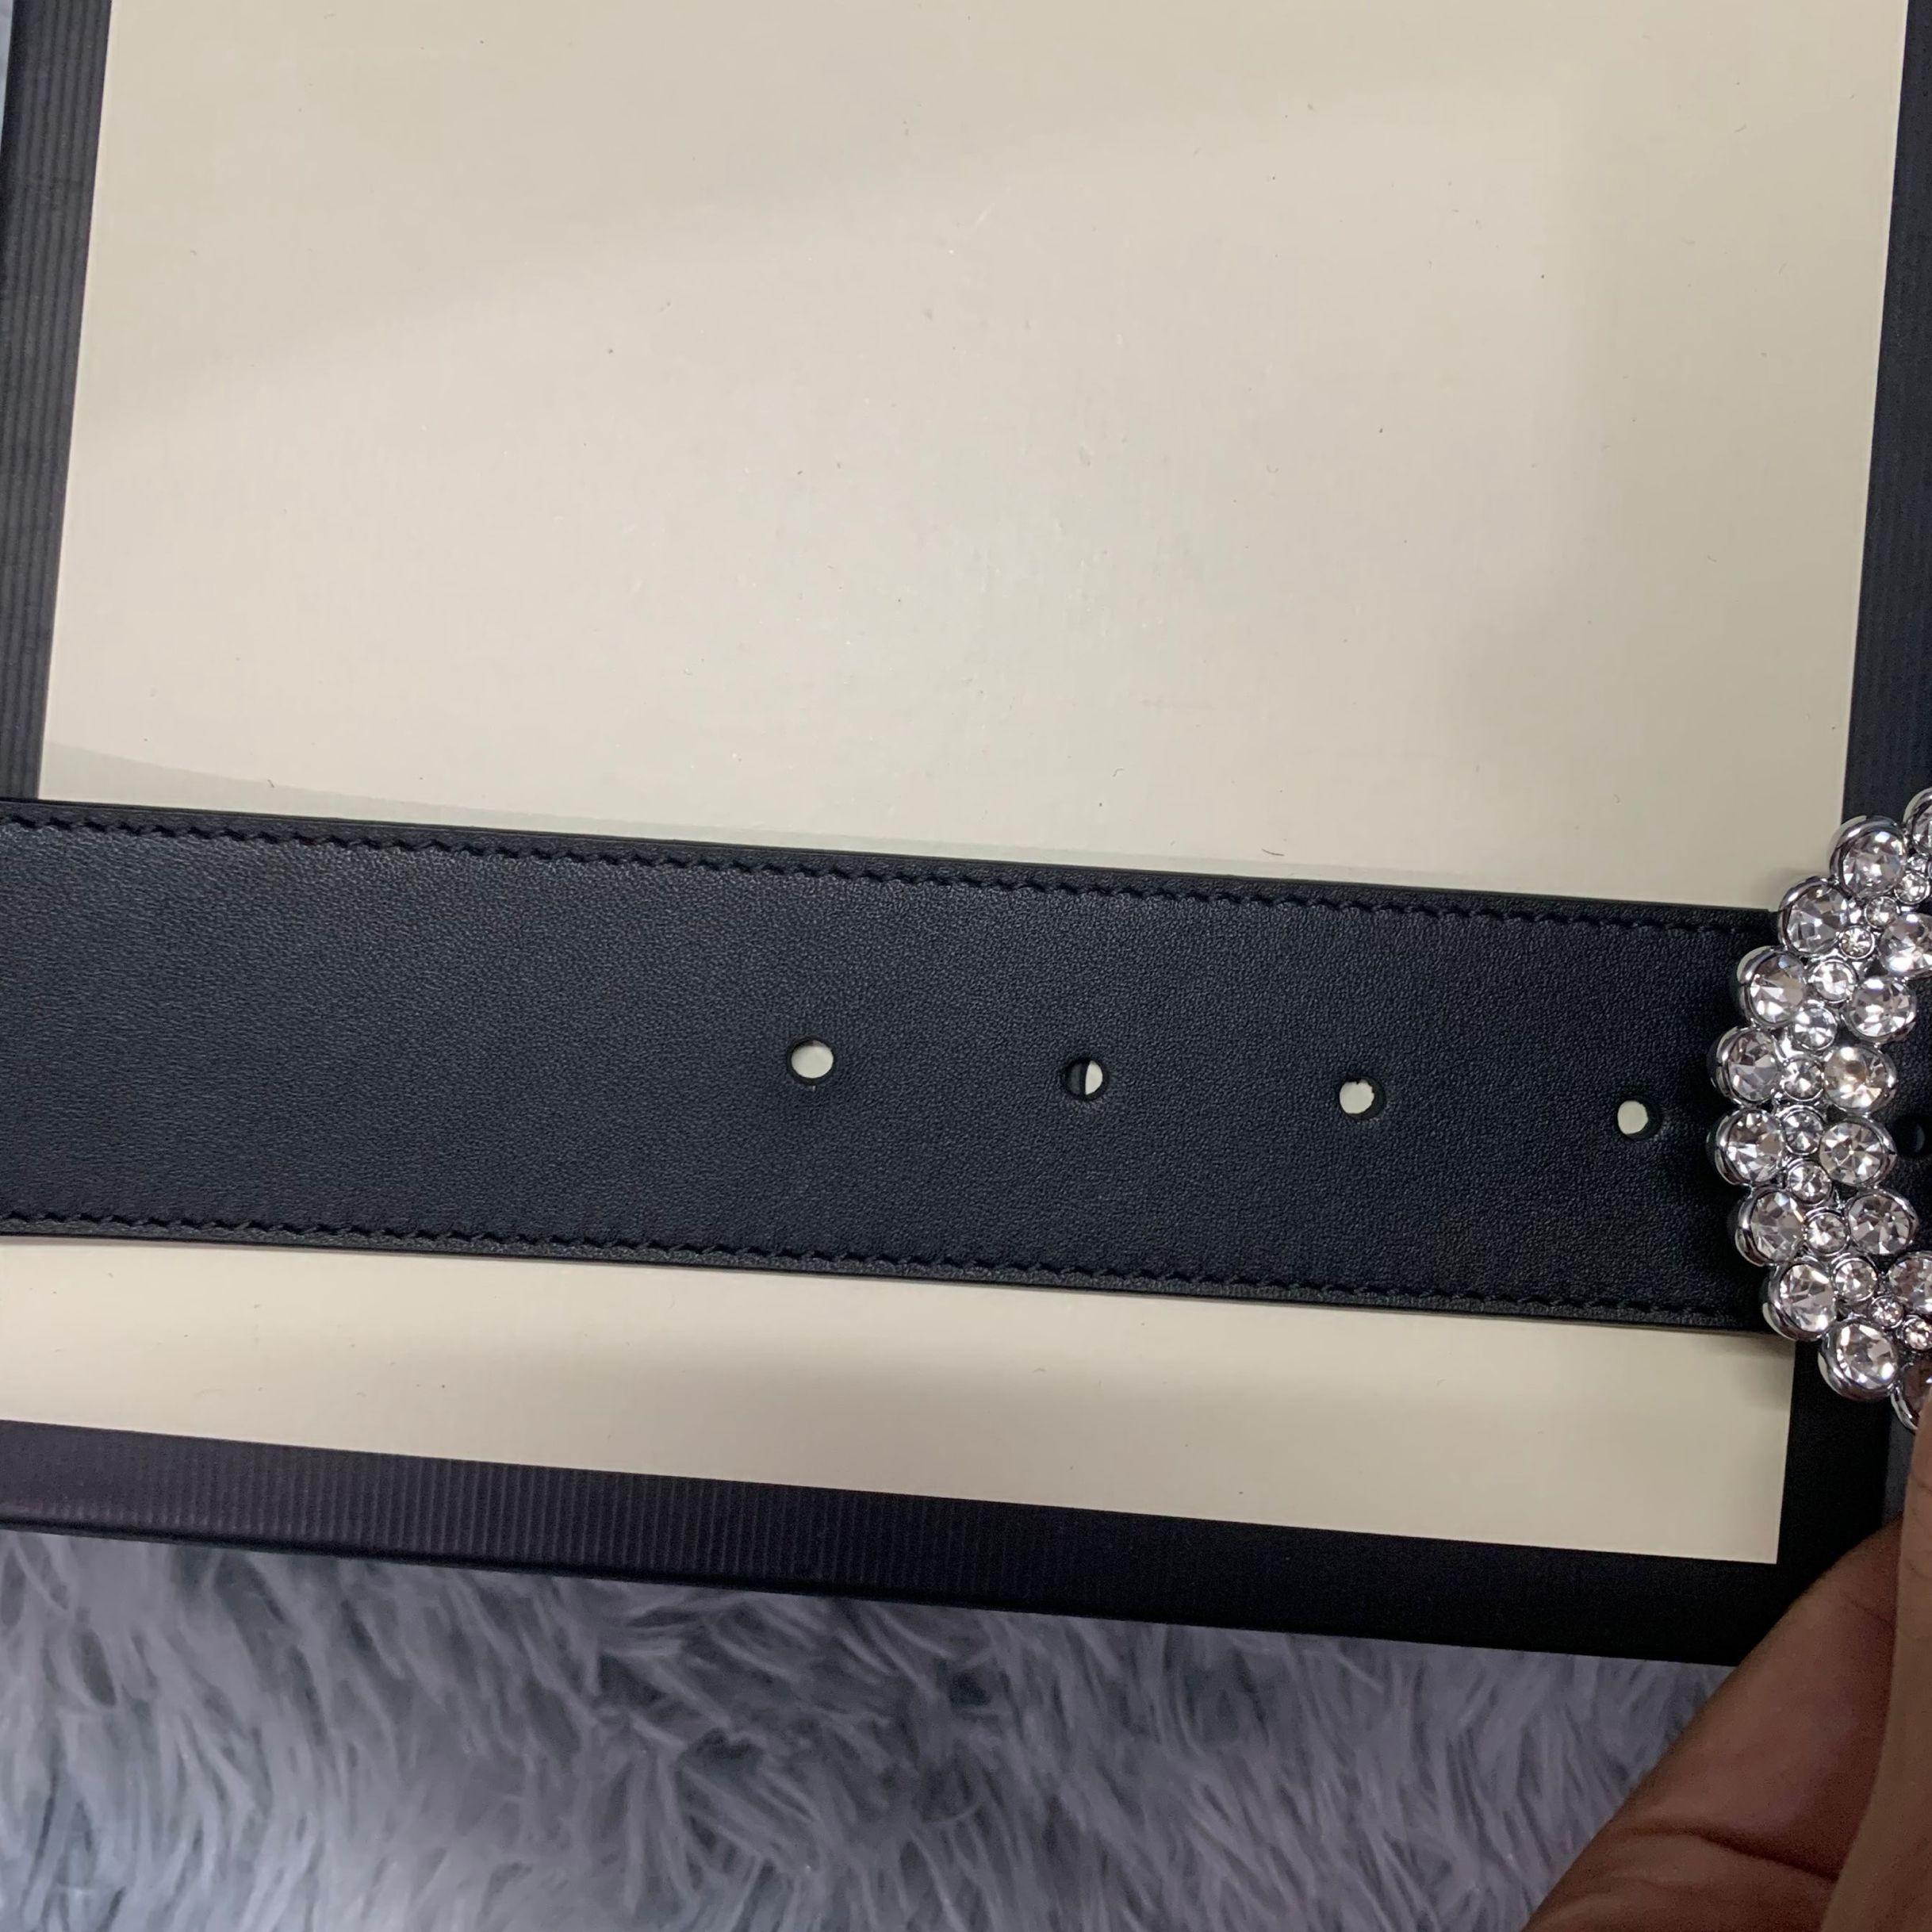 2021 أزياء للجنسين حزام مع مشبك رسالة الماس، وعرض النطاق الترددي 4.0.